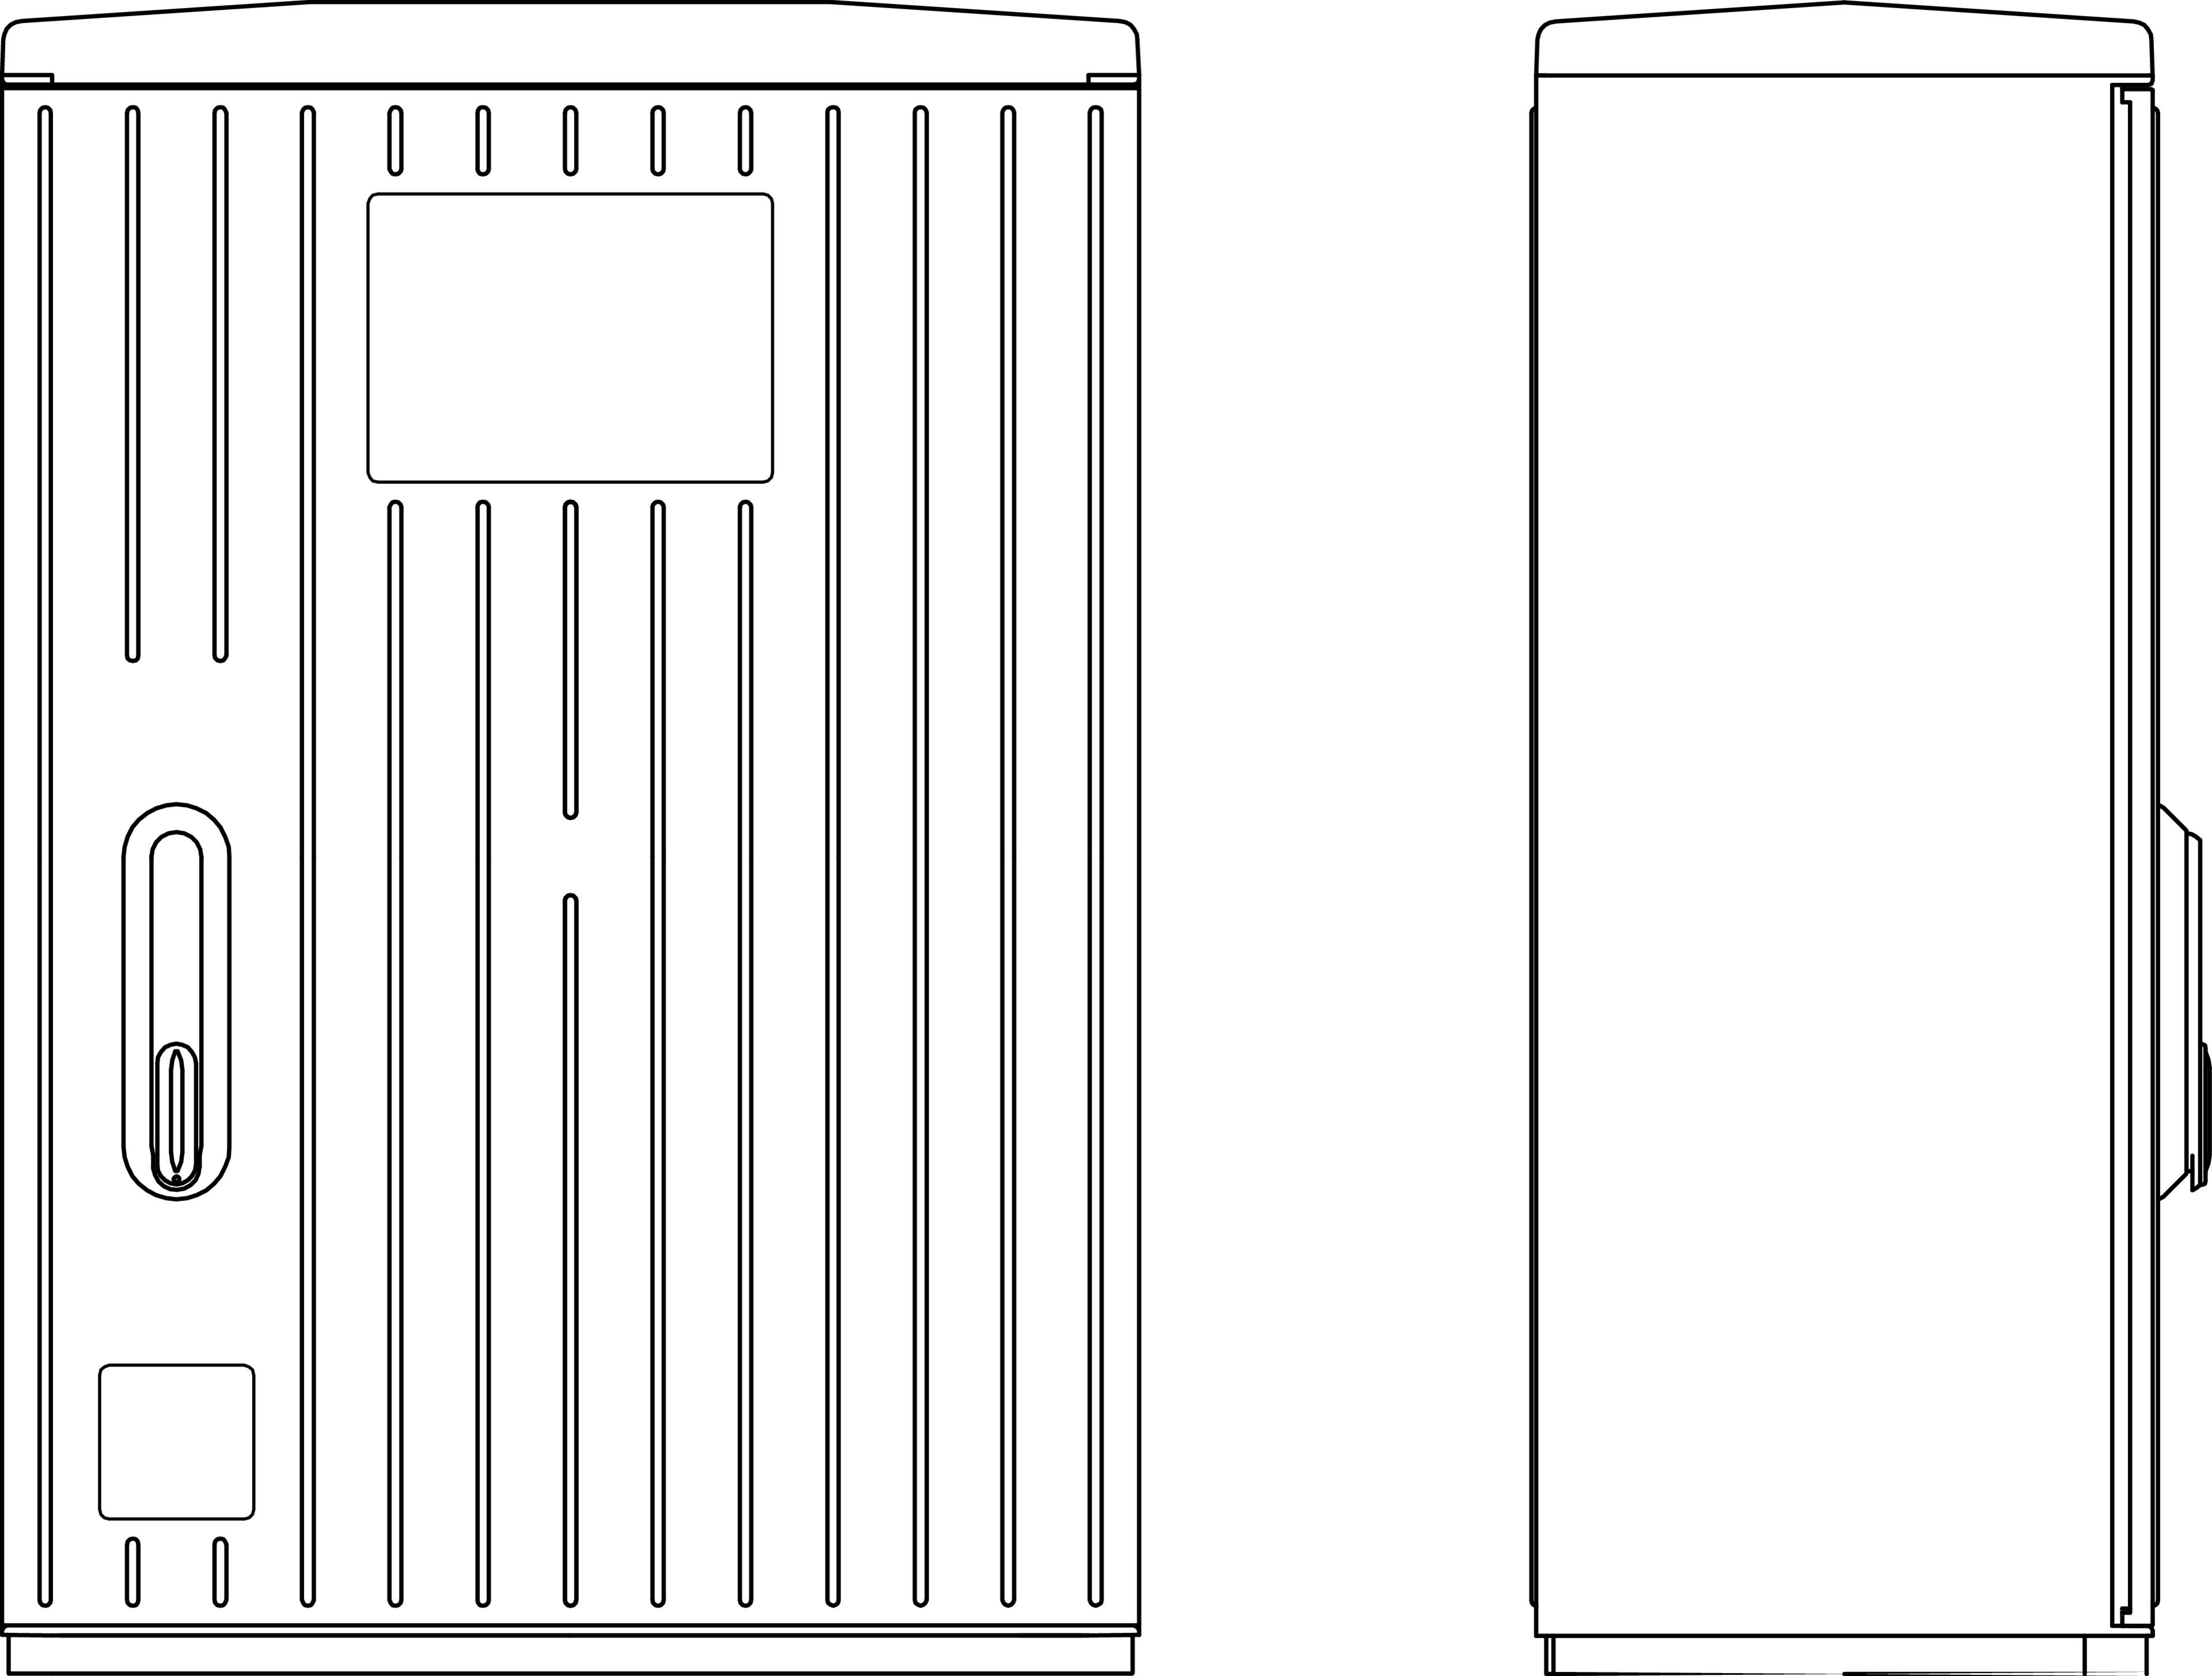 1 Stk Kabelverteilerschrank 1-türig gerippt, Gr.0X, RAL7035, IP44 IG008202--